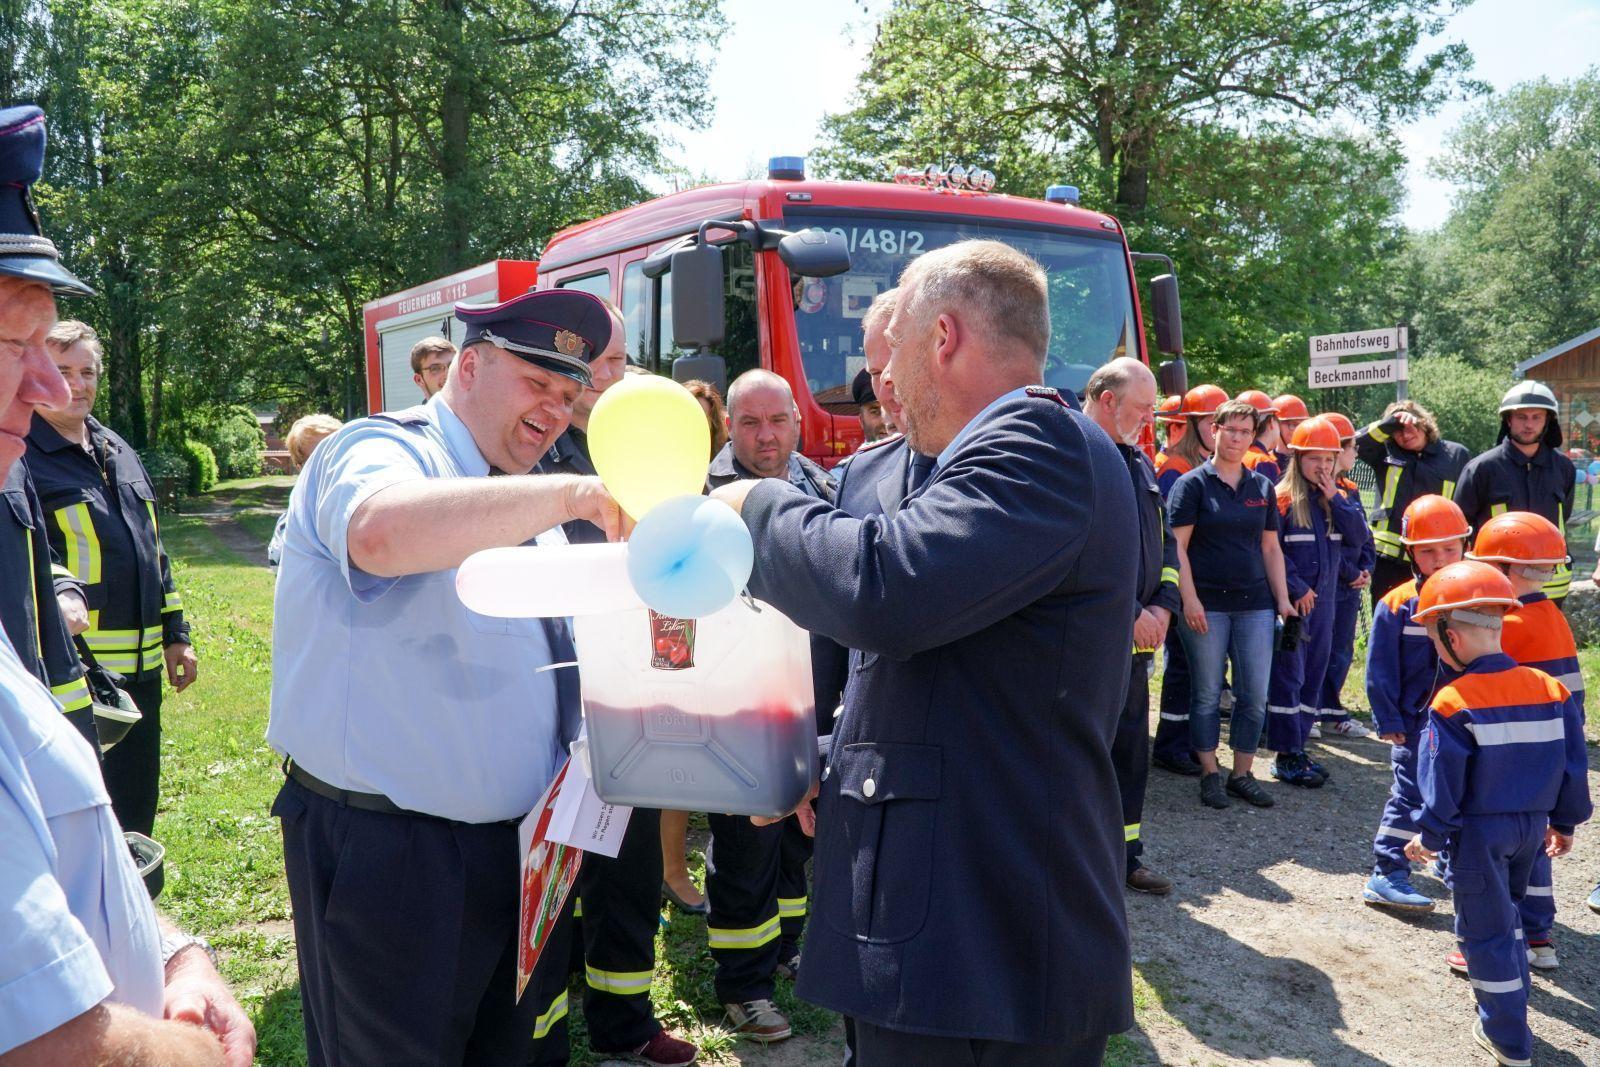 Glückwünsche überbrachte unter anderem auch Mario Bock von der Freiwilligen Feuerwehr Kemnitz